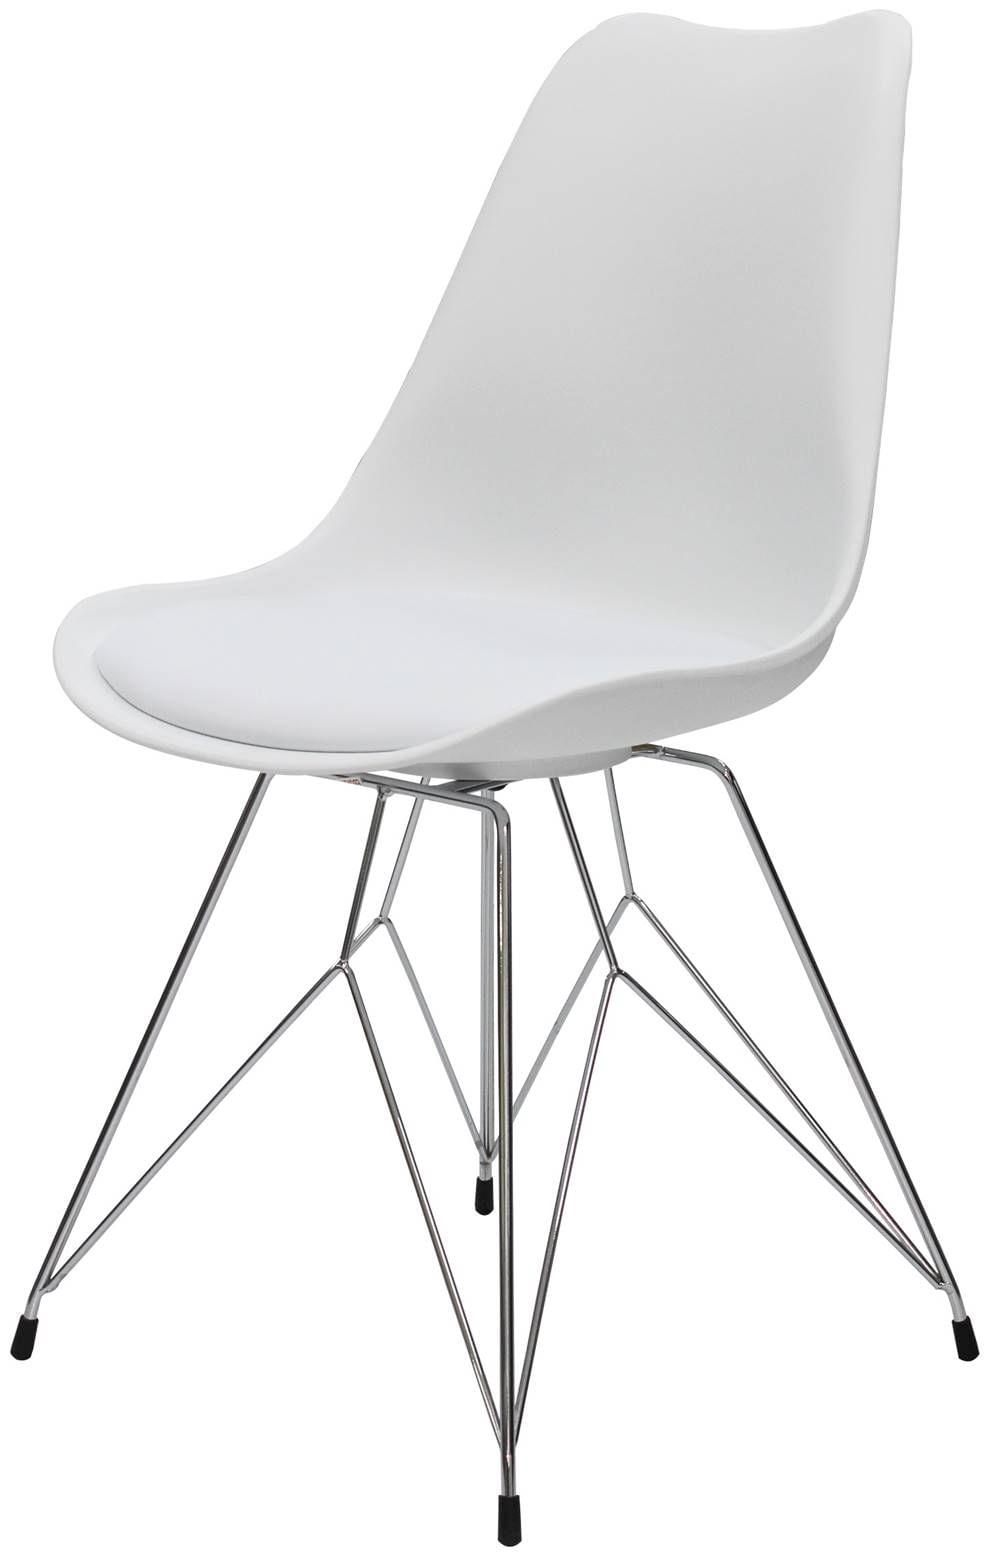 Cadeira Eames Premium com Almofada Branca Base Torre - 40902